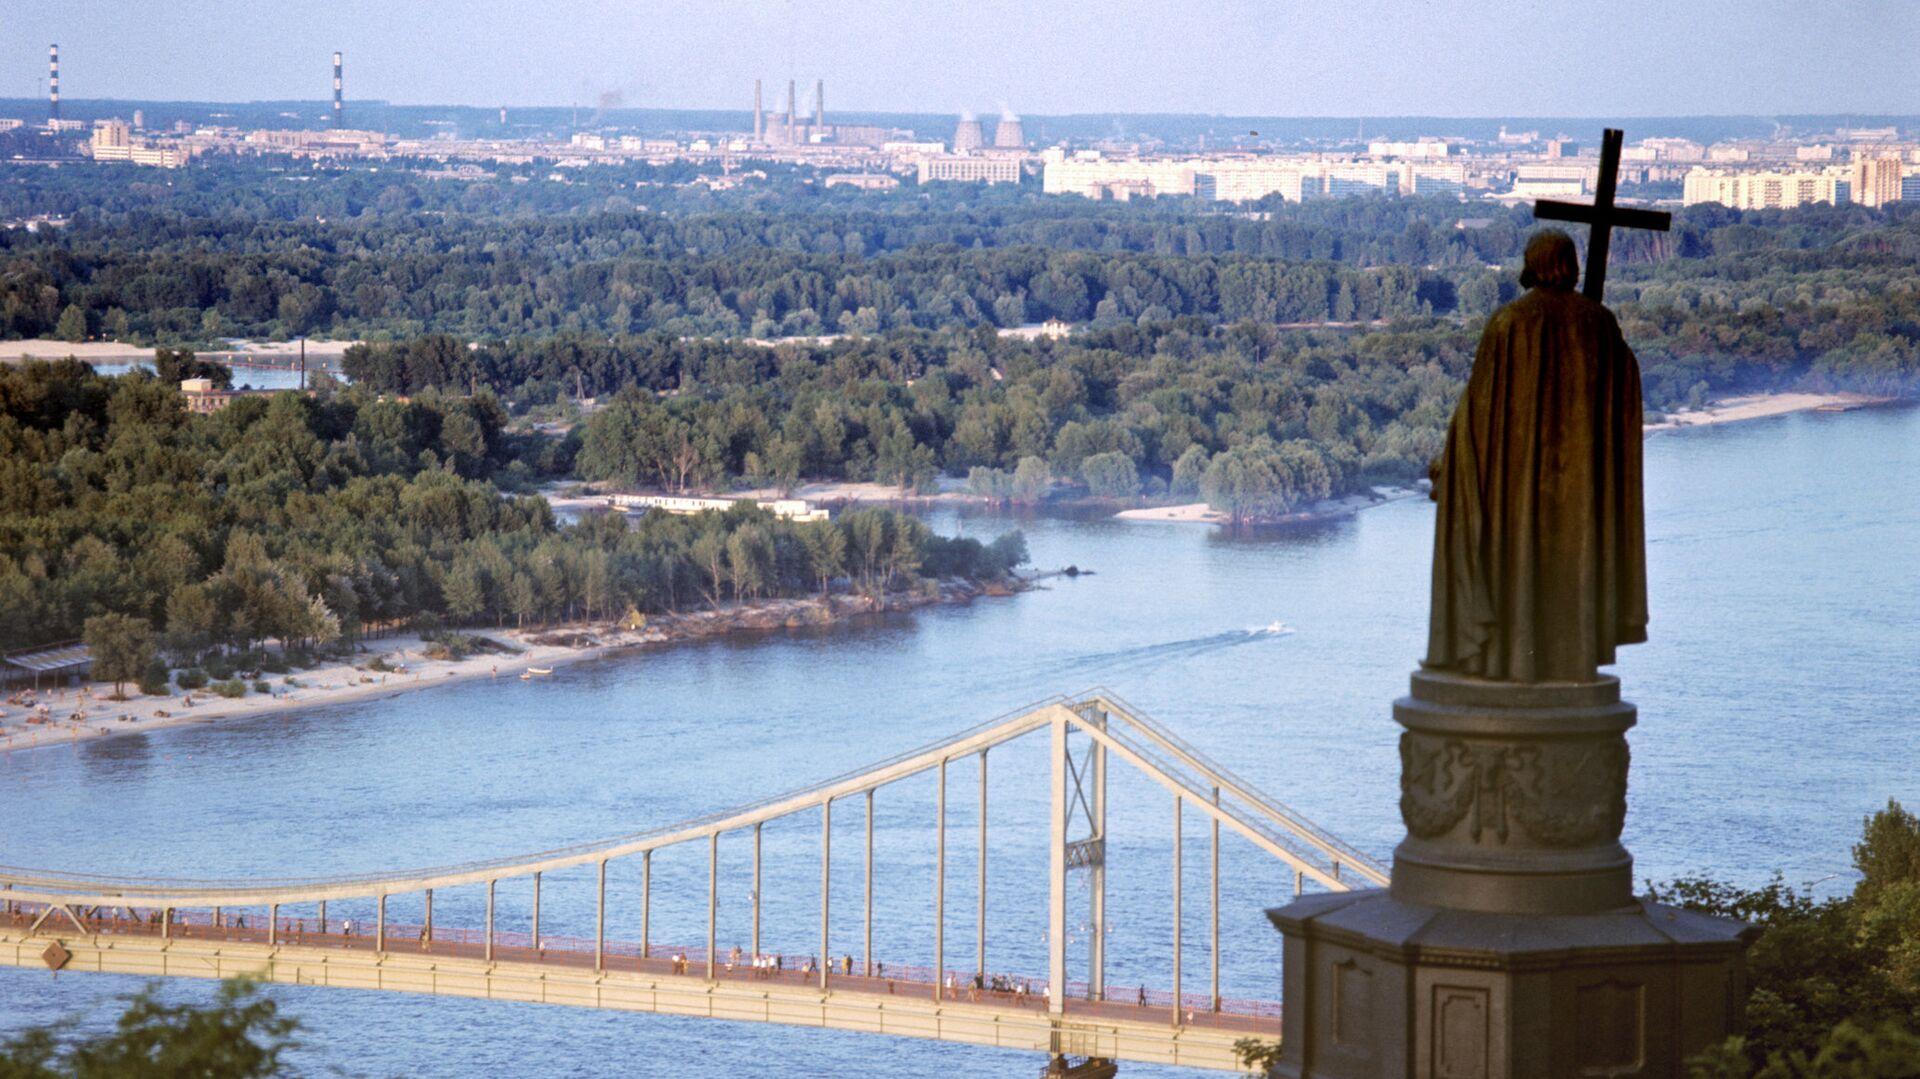 Вид из парка Владимирская горка на реку Днепр. Киев - РИА Новости, 1920, 09.10.2020